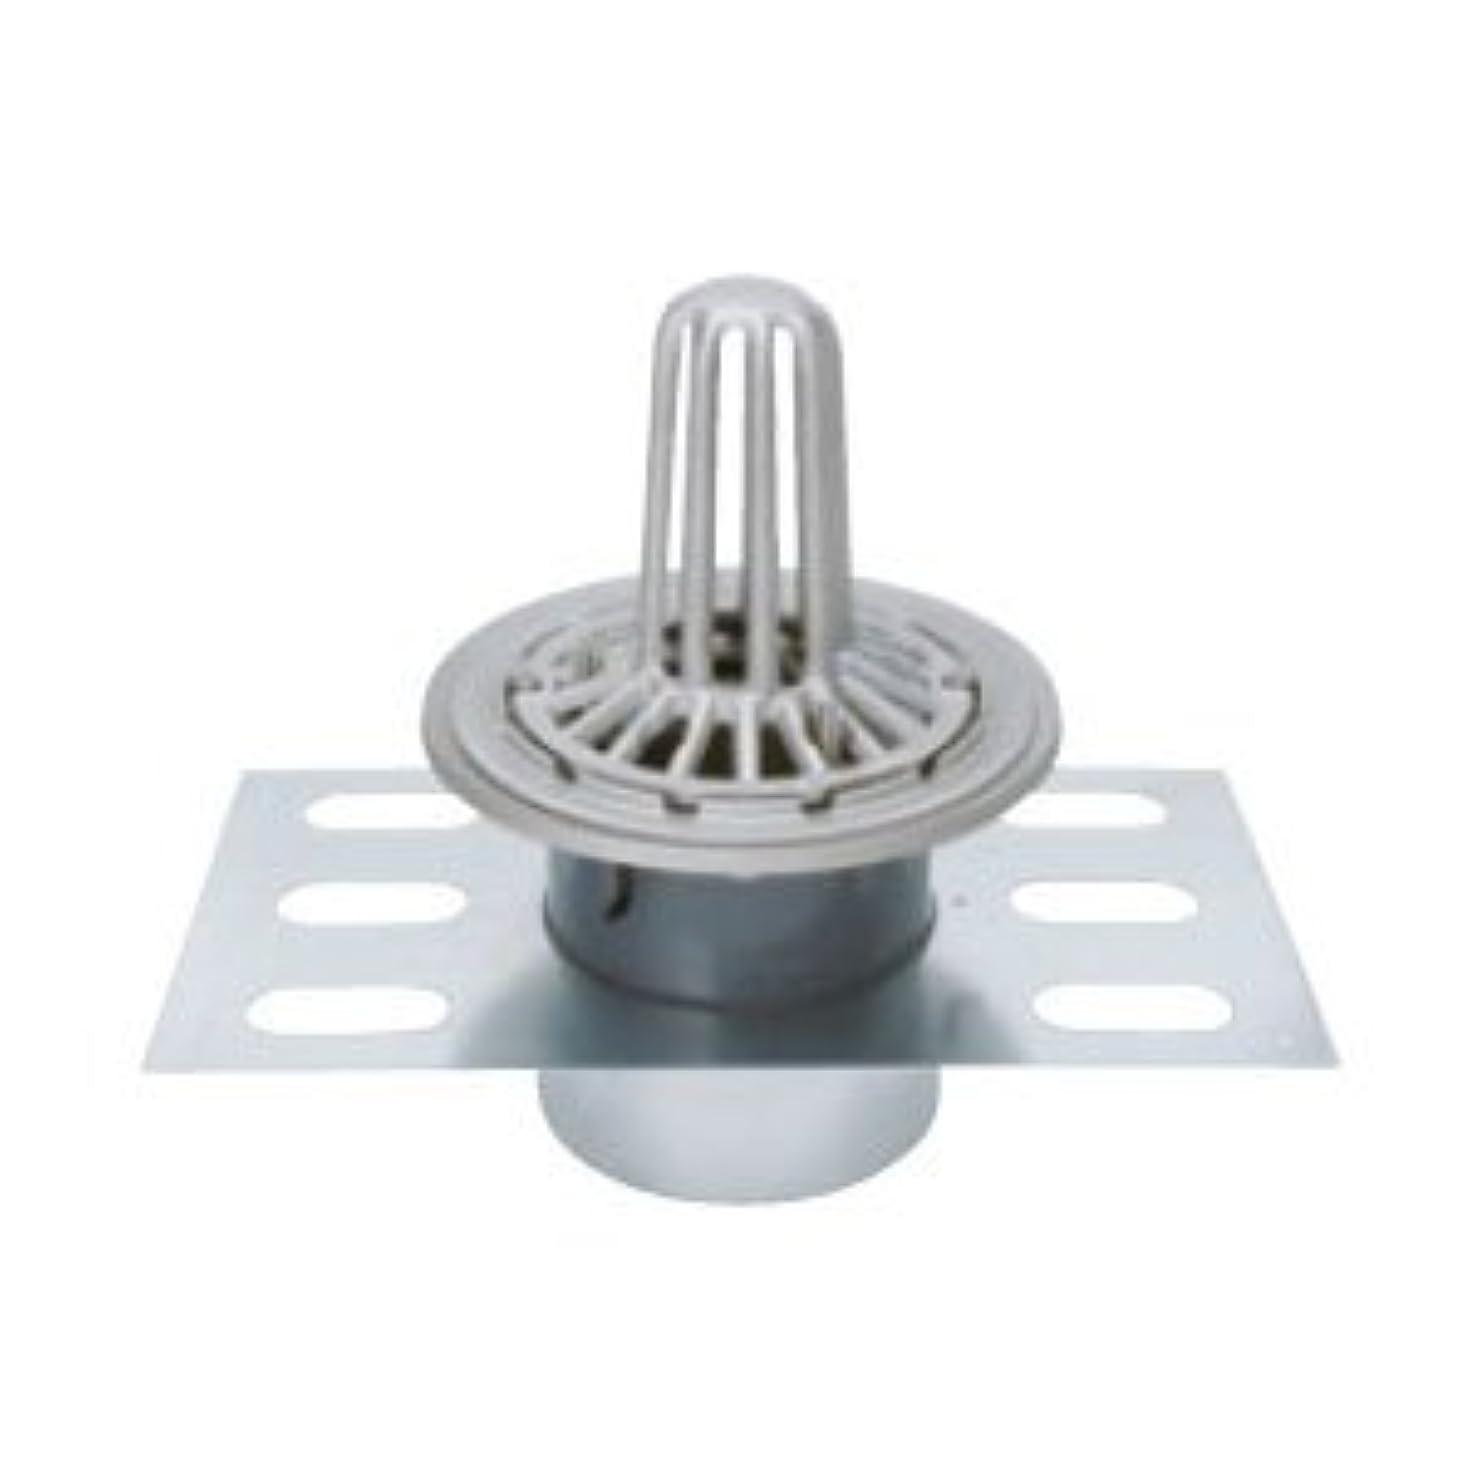 独立した振りかけるラバカネソウ ステンレス鋳鋼製ルーフドレイン たて引き用 デッキプレート打込型 屋上用(呼称150) EDSSP-2-150